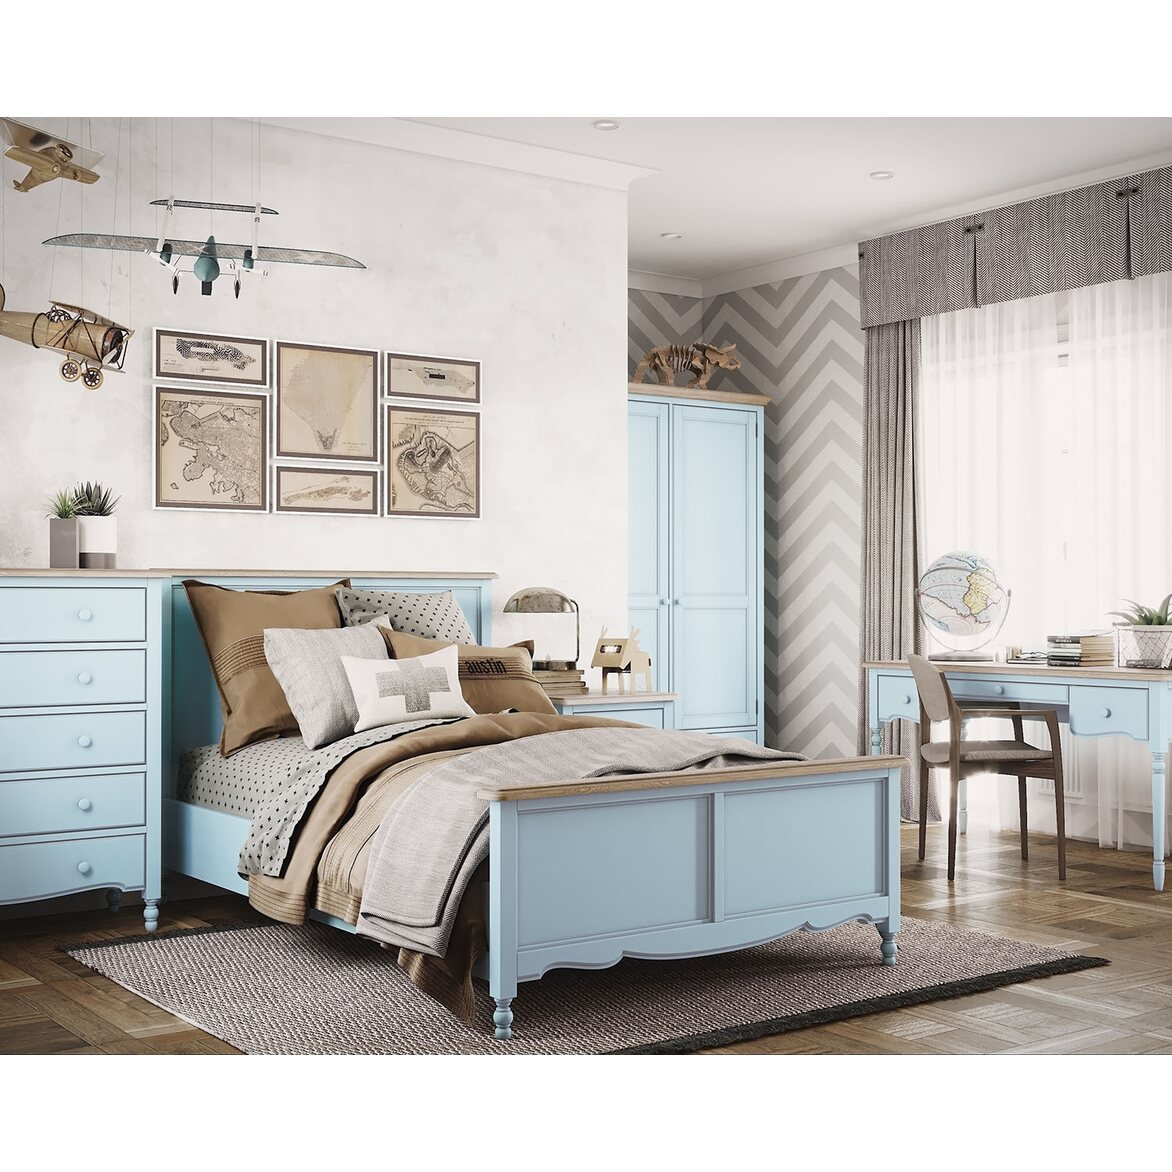 Кровать односпальная 120*200 Leblanc, голубая 2 | Односпальные кровати Kingsby